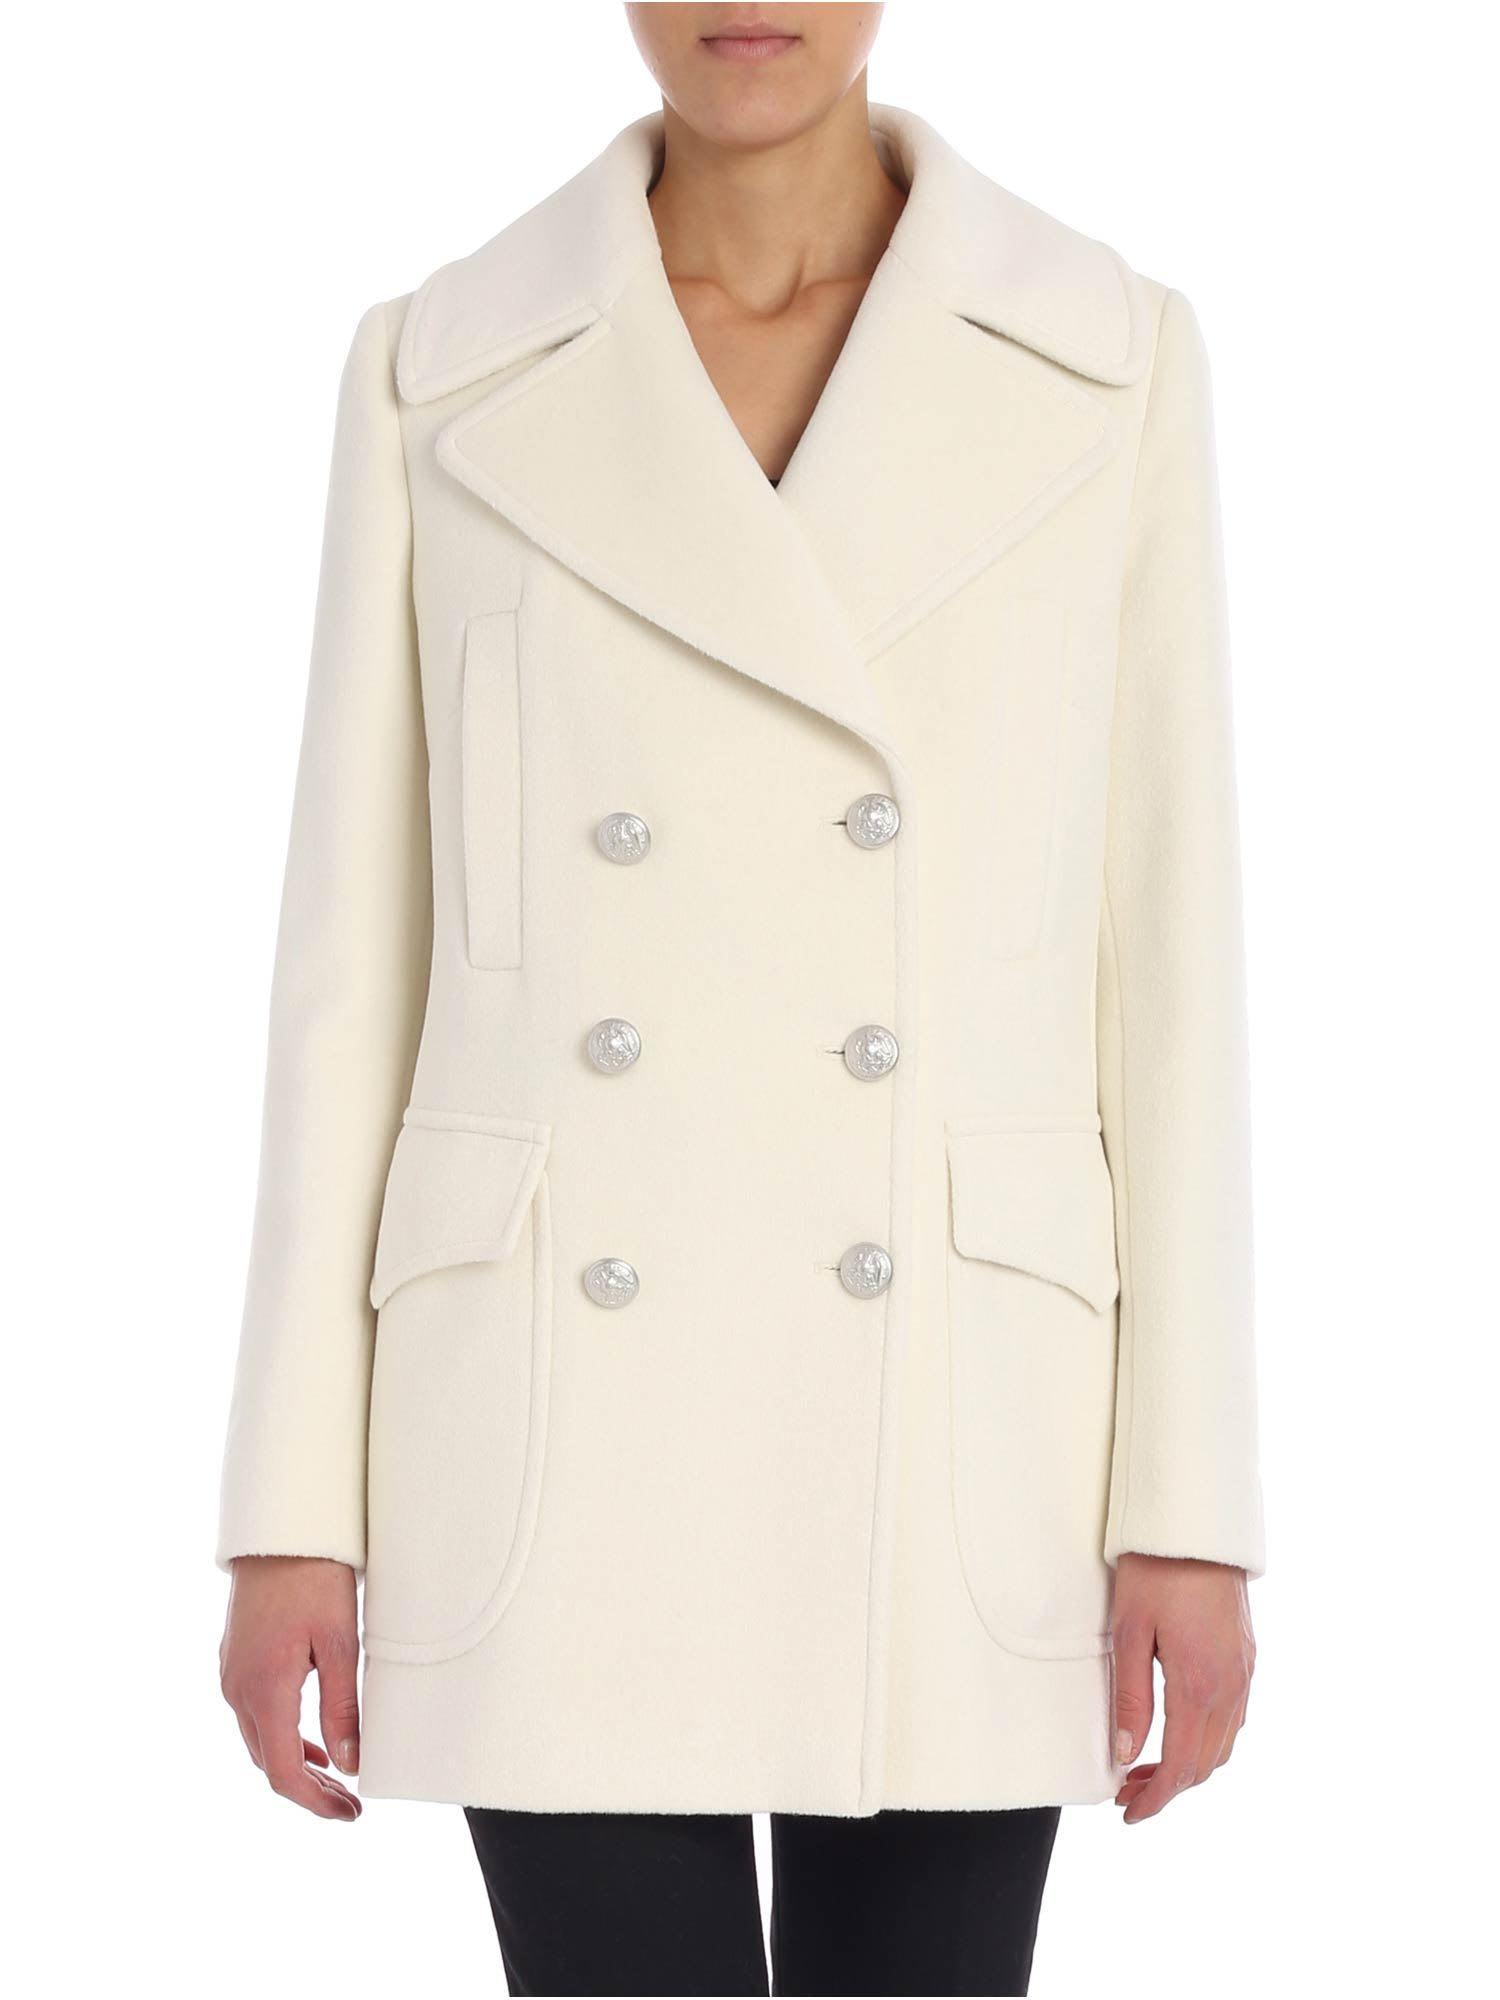 Tagliatore – Coat